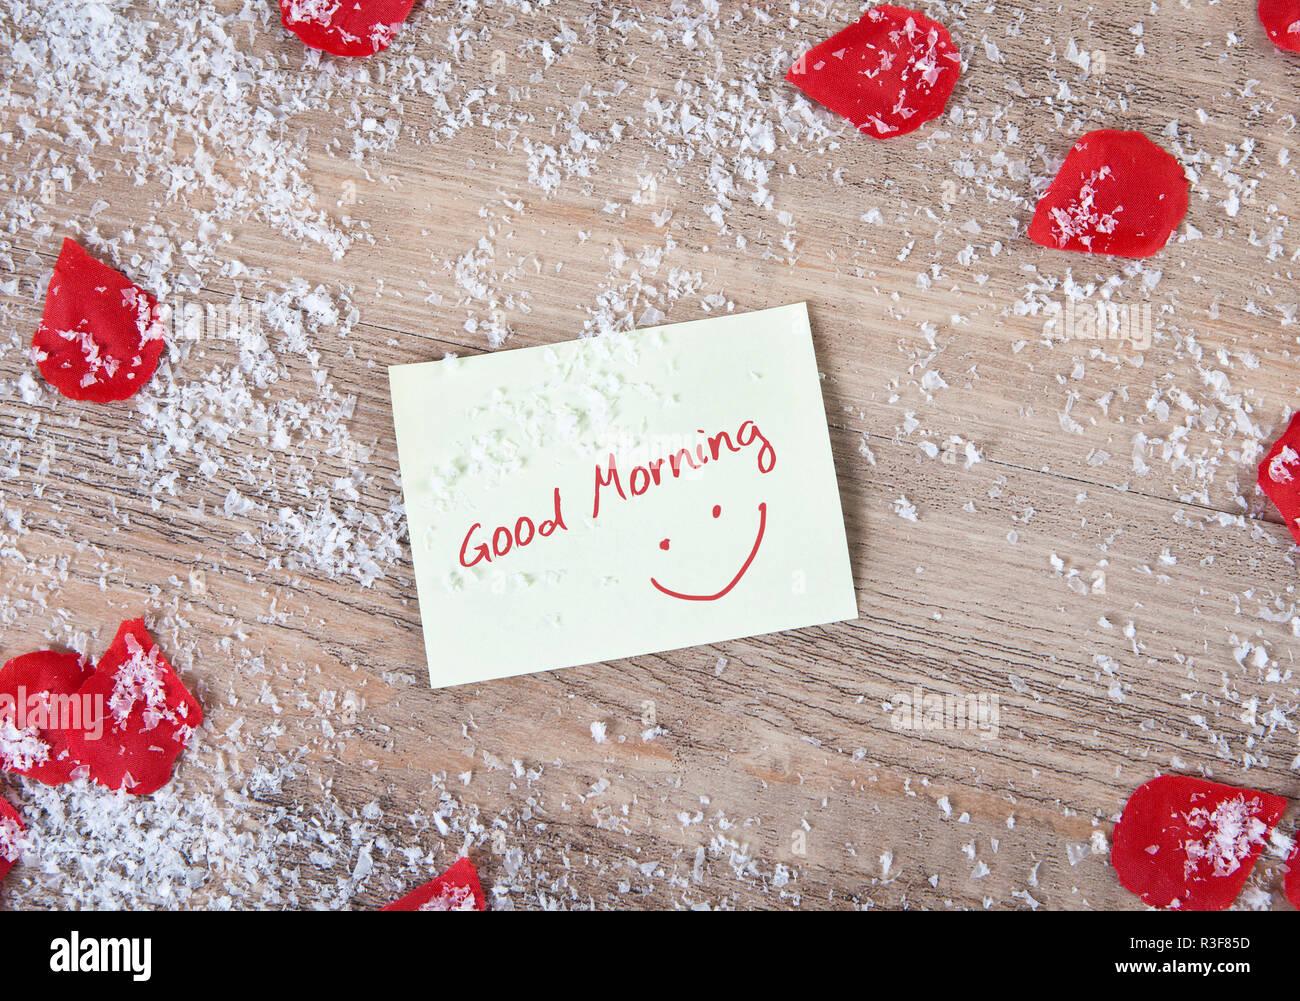 Guten Morgen Schnee Und Herzen Stockfoto Bild 225914457